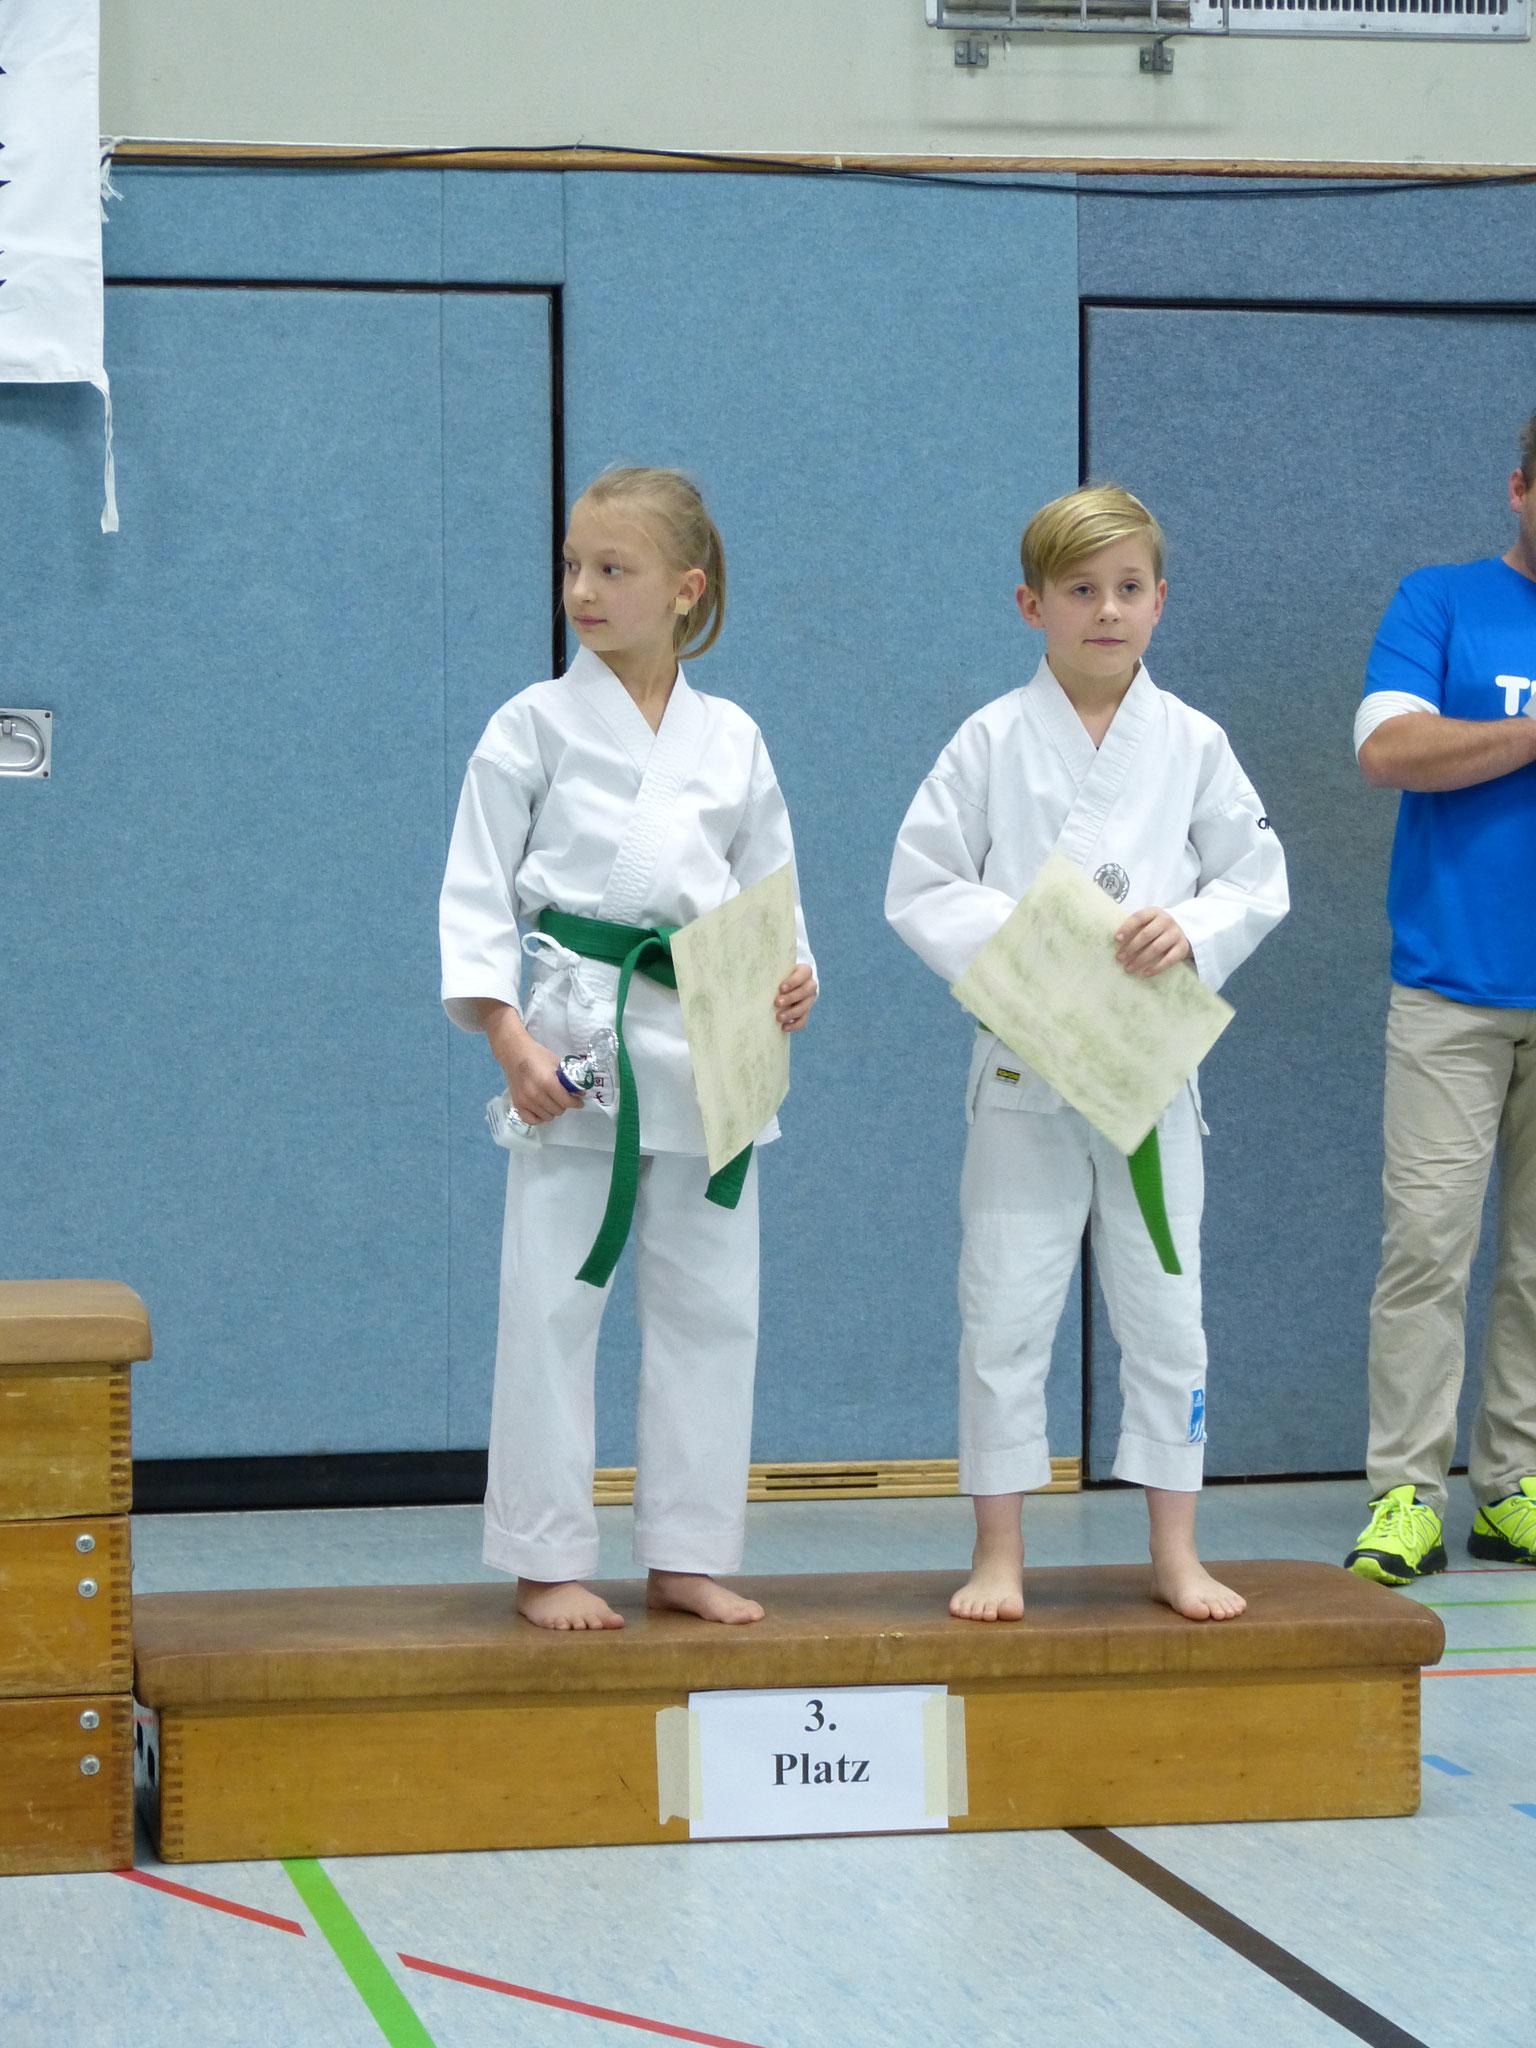 Timon setze sich im Kampf um Platz 3 mit seiner Darbietung durch, herzlichen Glückwunsch!